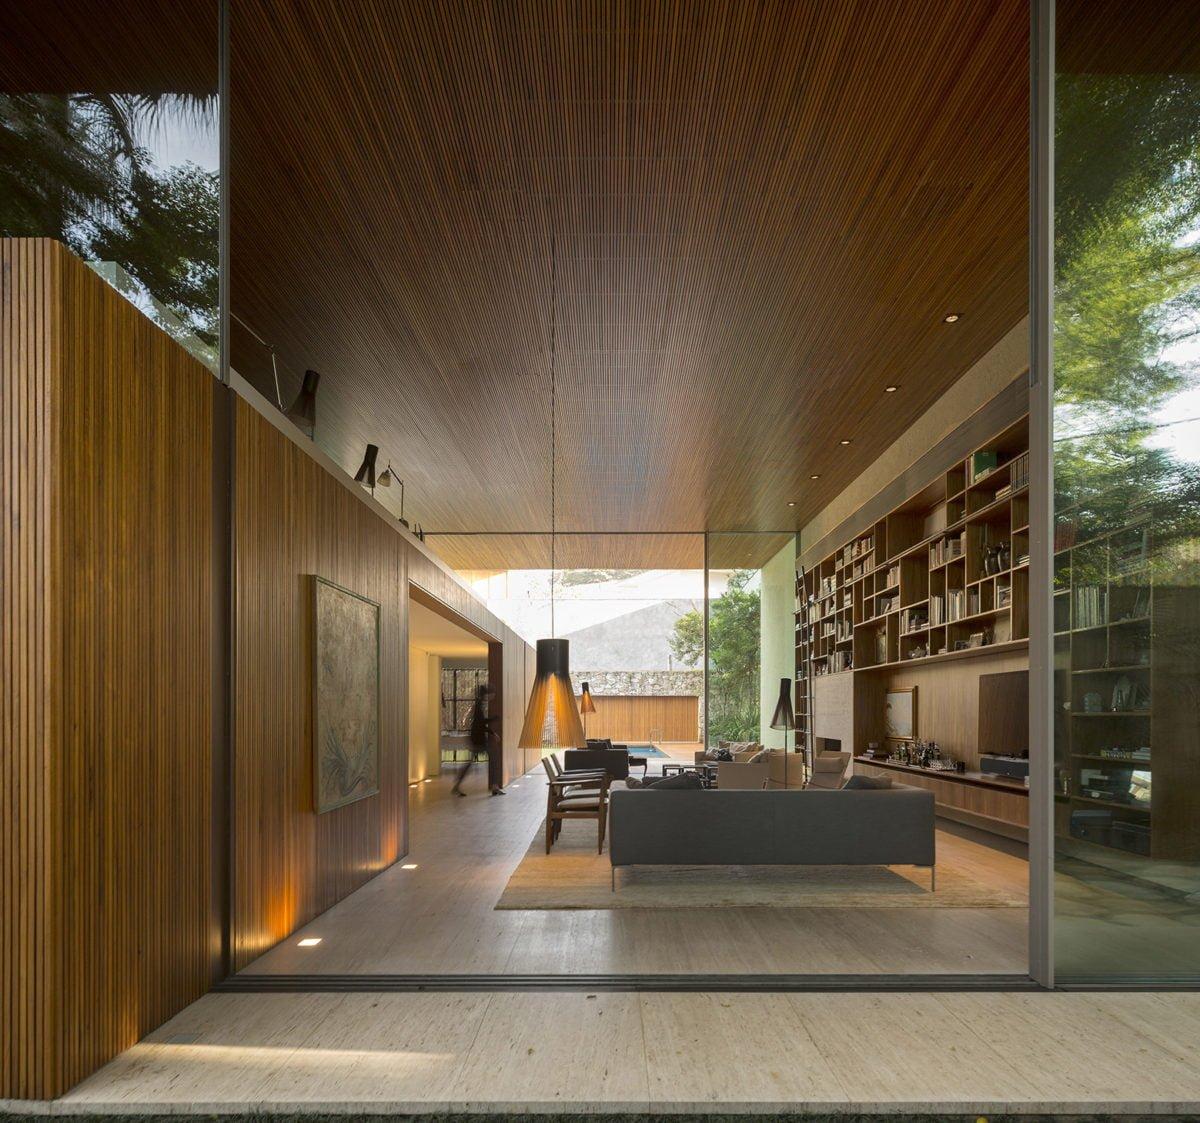 17Tetris-House-In-São-Paulo-Brazil-By-Studiomk27-38